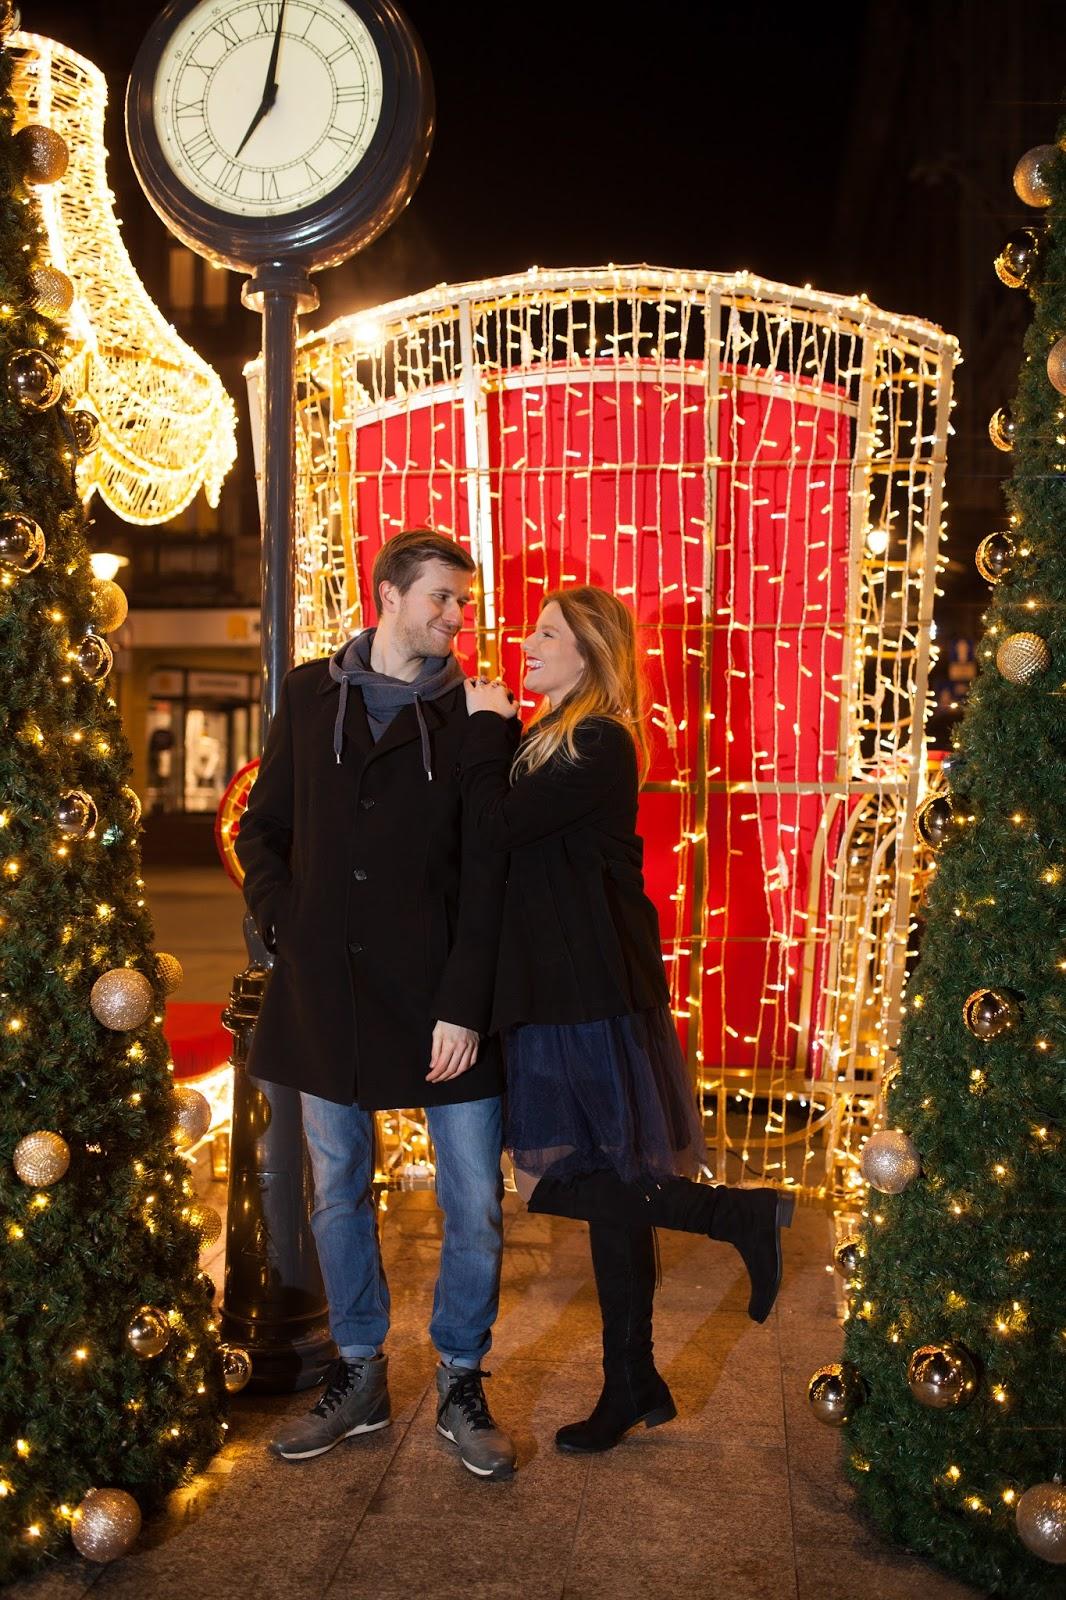 14 jakub0107 fotograf fotografia świąteczne sesje zdjęciowe melodylaniella zima christmas photography blog lifestyle